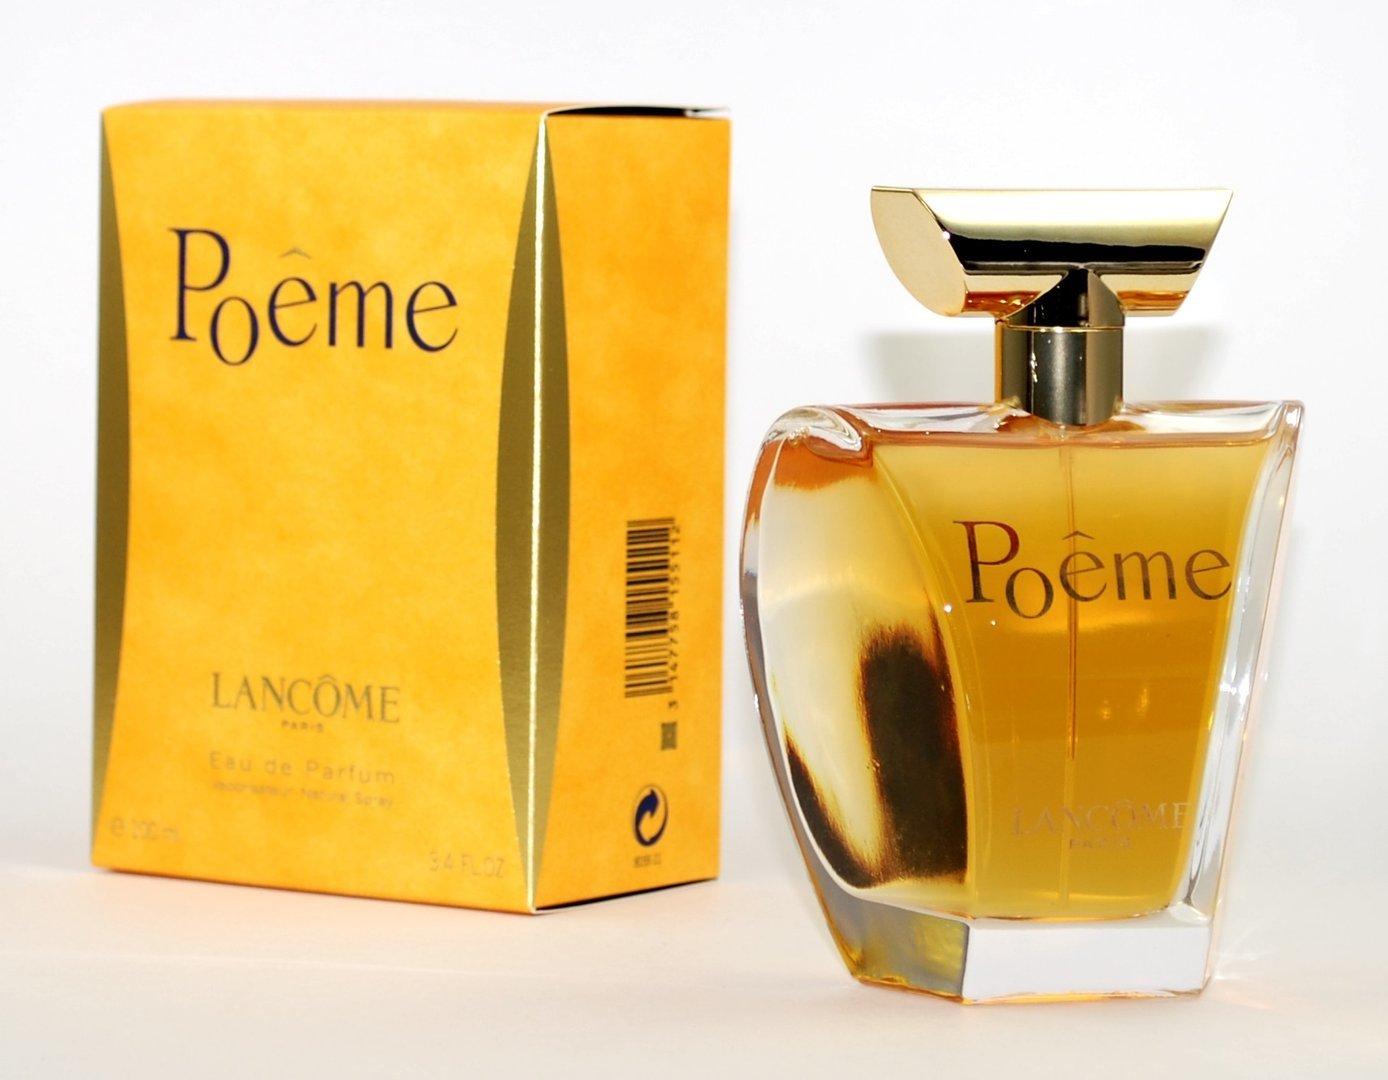 Lancome Poeme Eau De Parfume 50ml